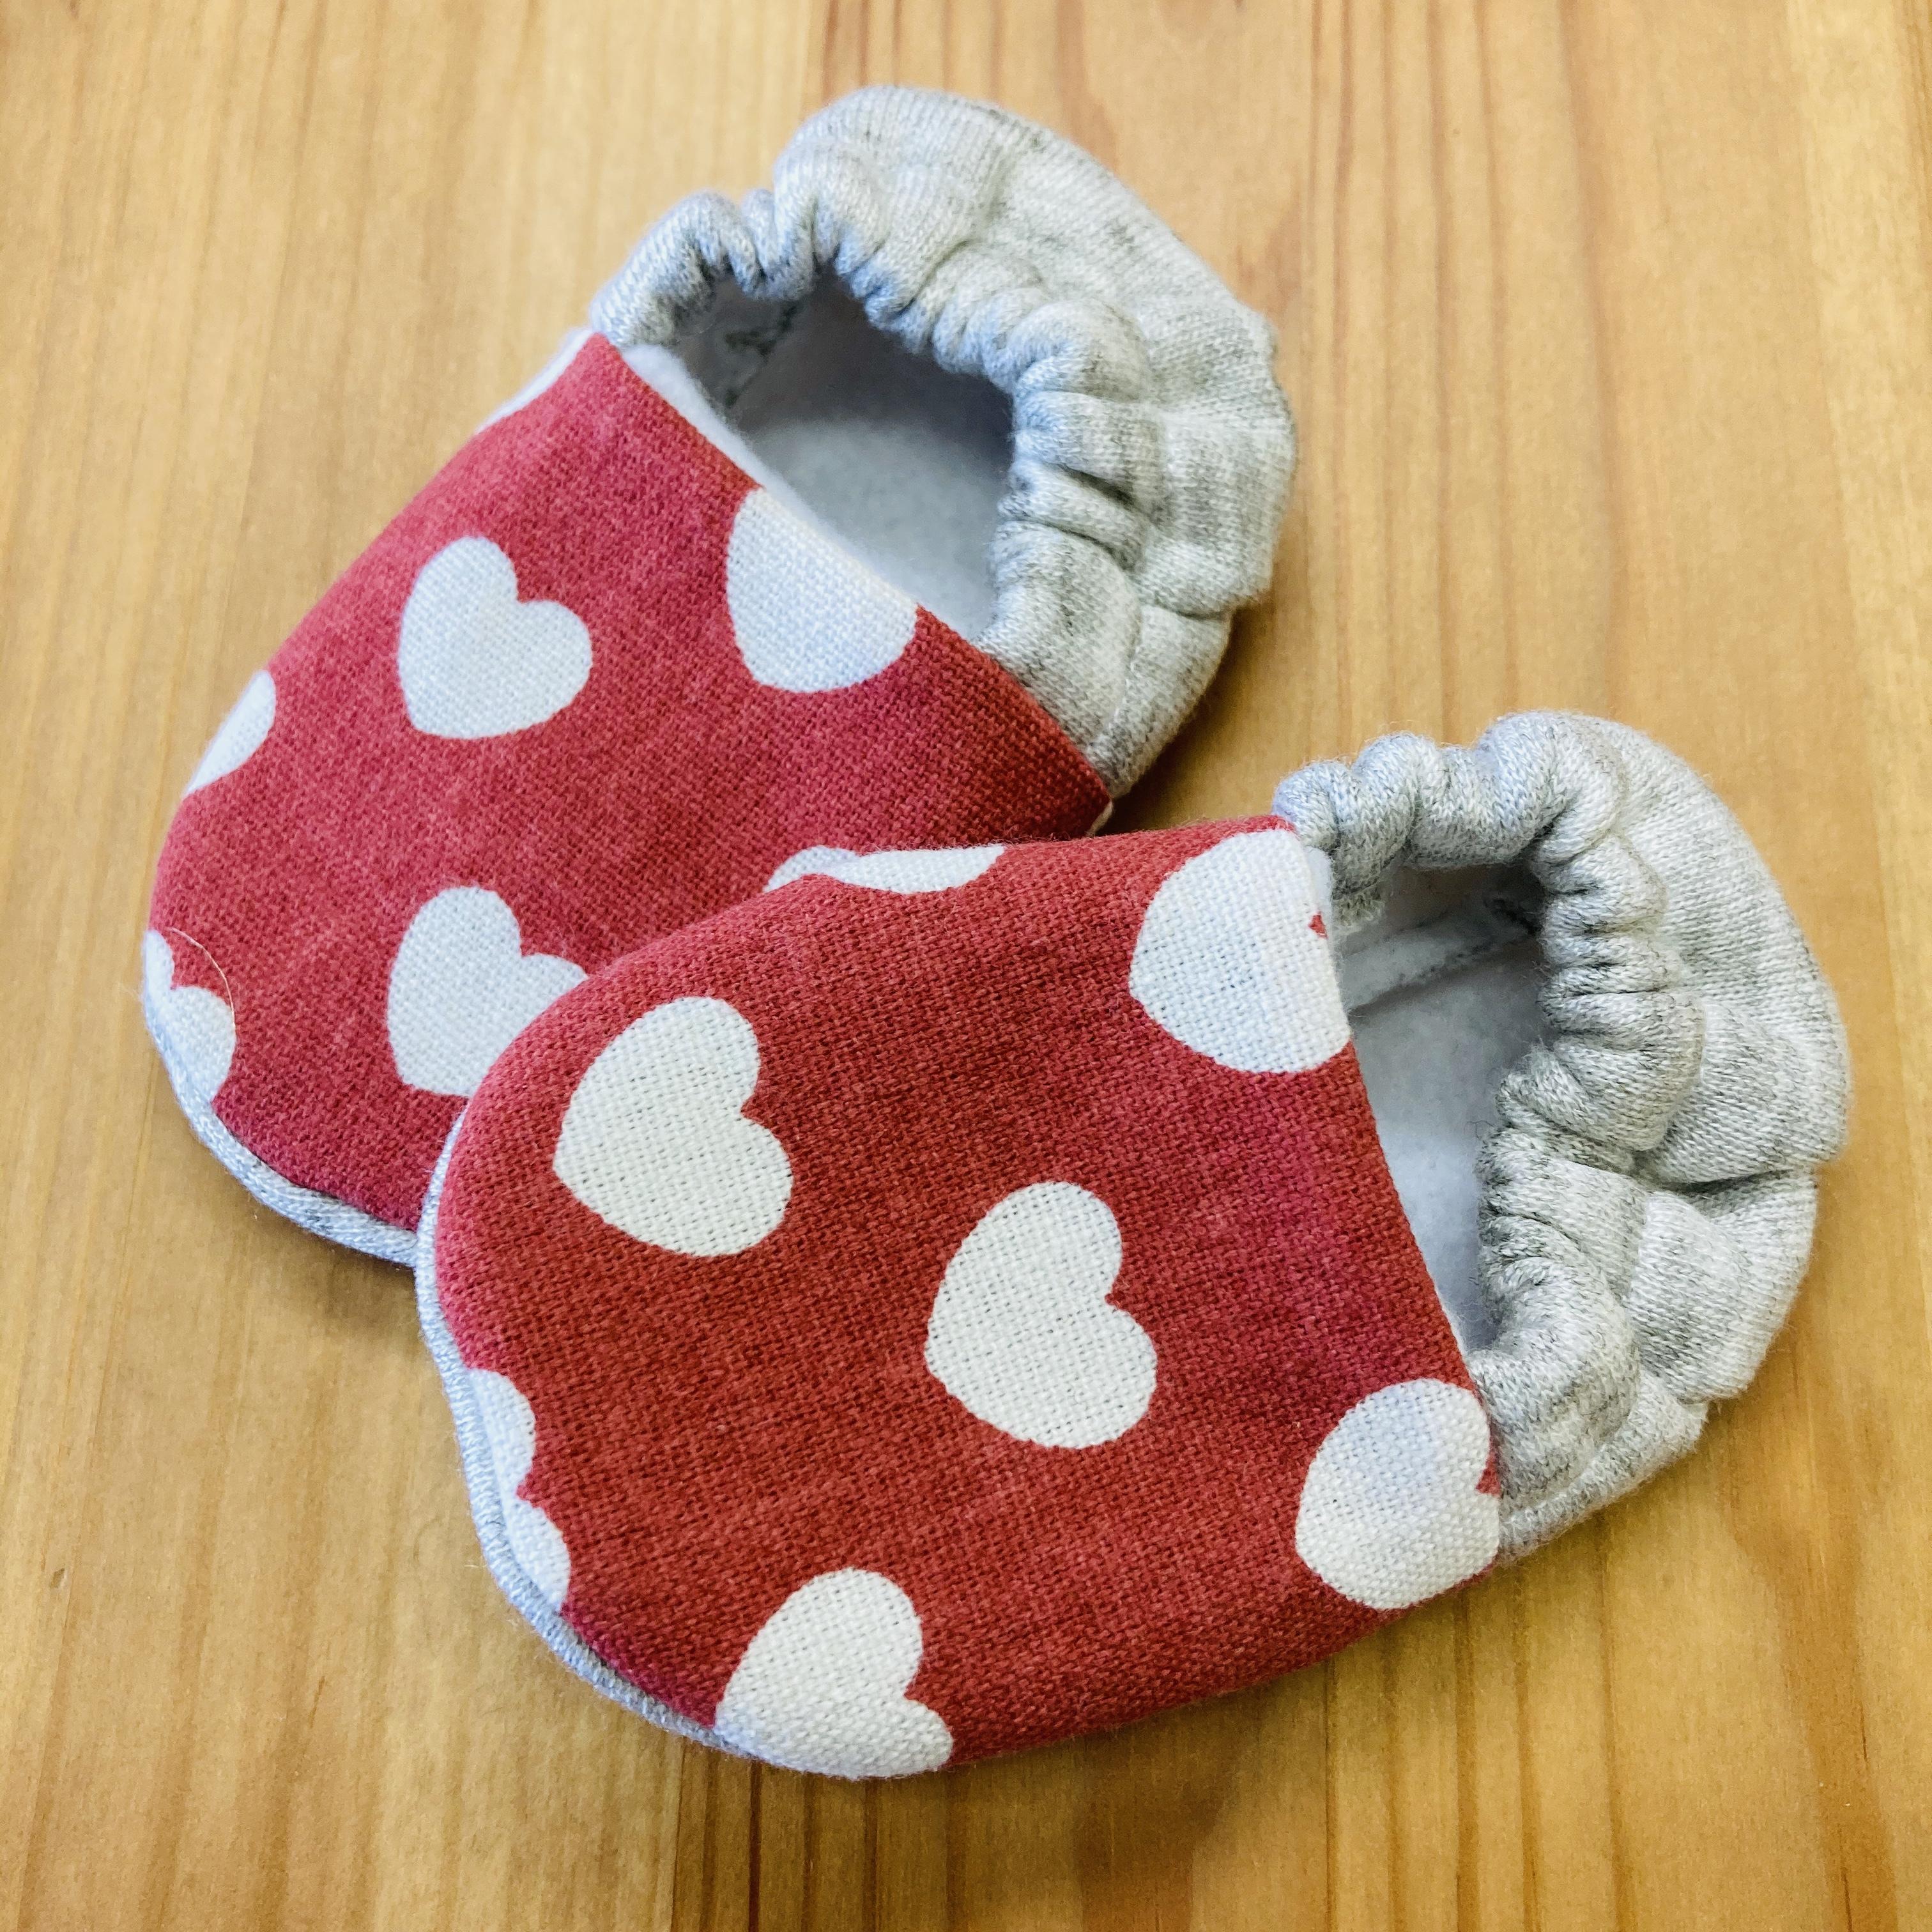 Newborn handmade baby booties